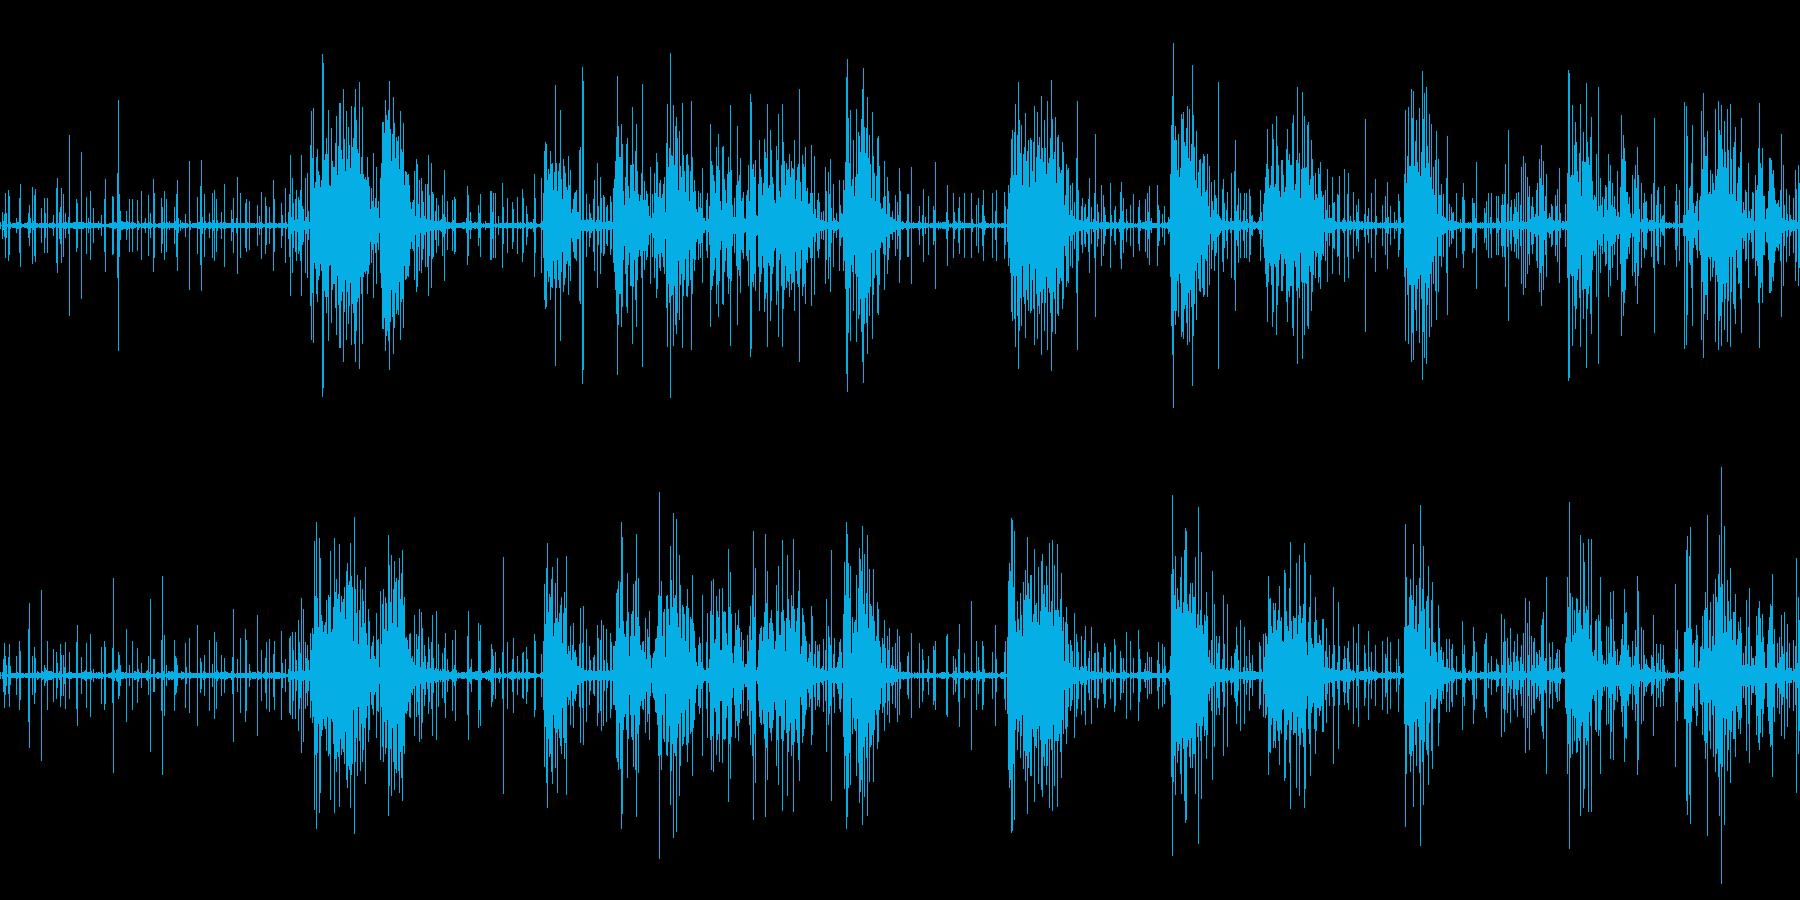 モンスター 蟲 クリーチャー 摩擦音の再生済みの波形